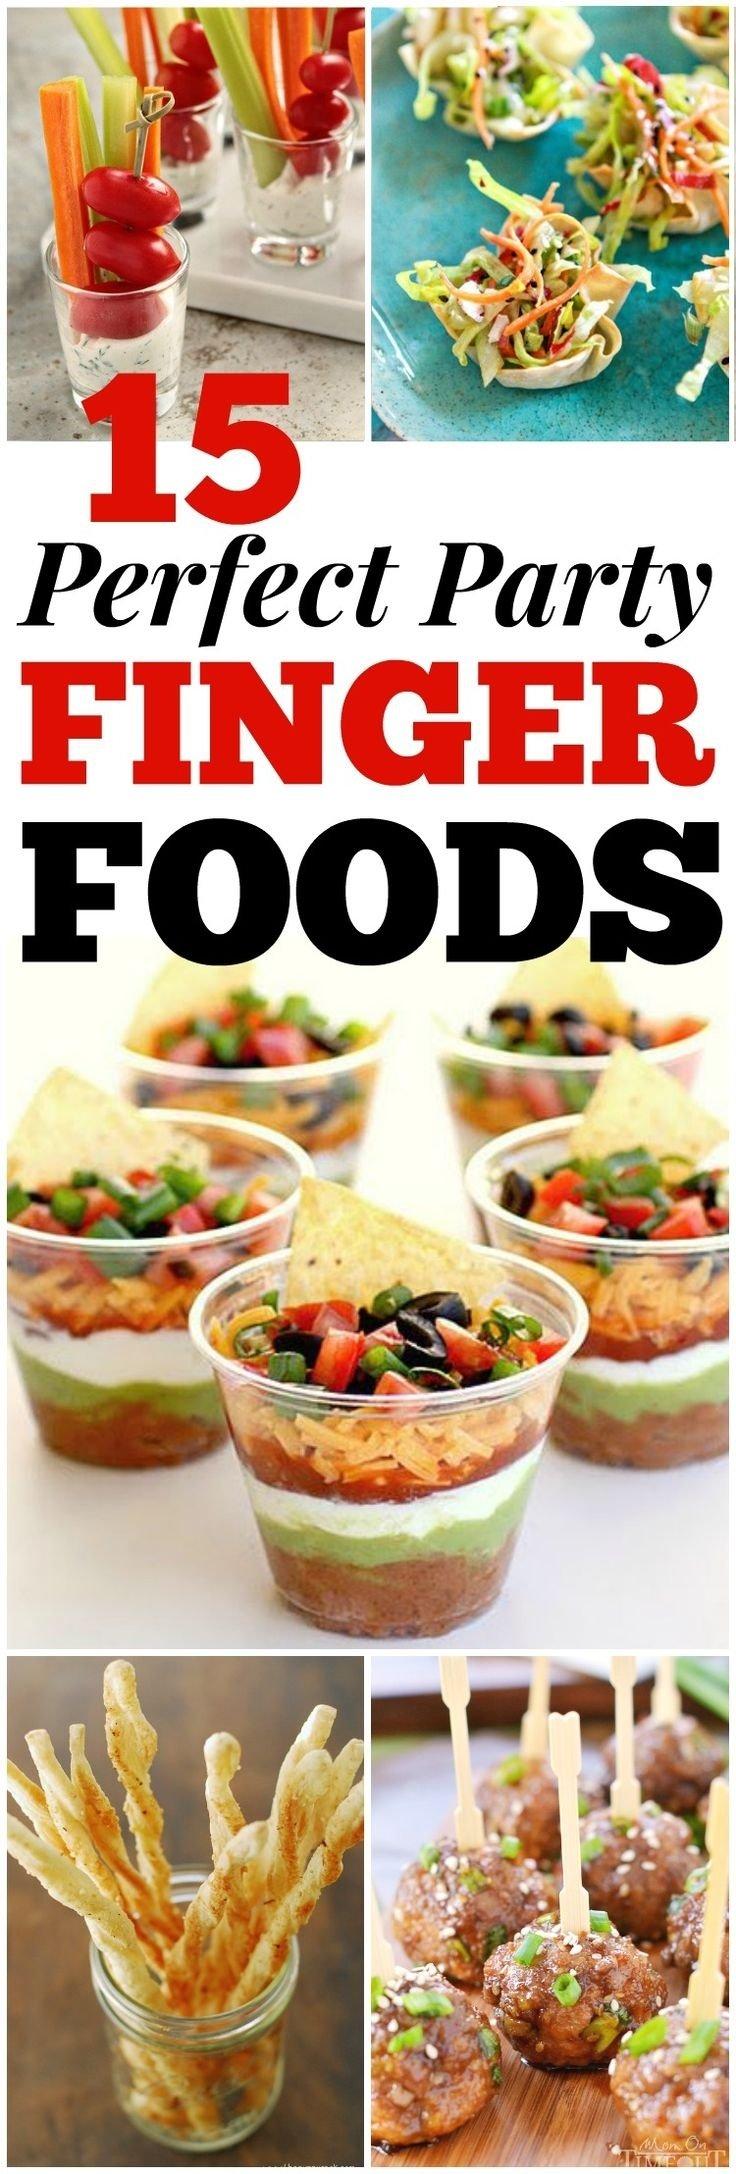 10 Pretty Birthday Party Finger Food Ideas For Adults les 8 meilleures images du tableau party foods sur pinterest 1 2020